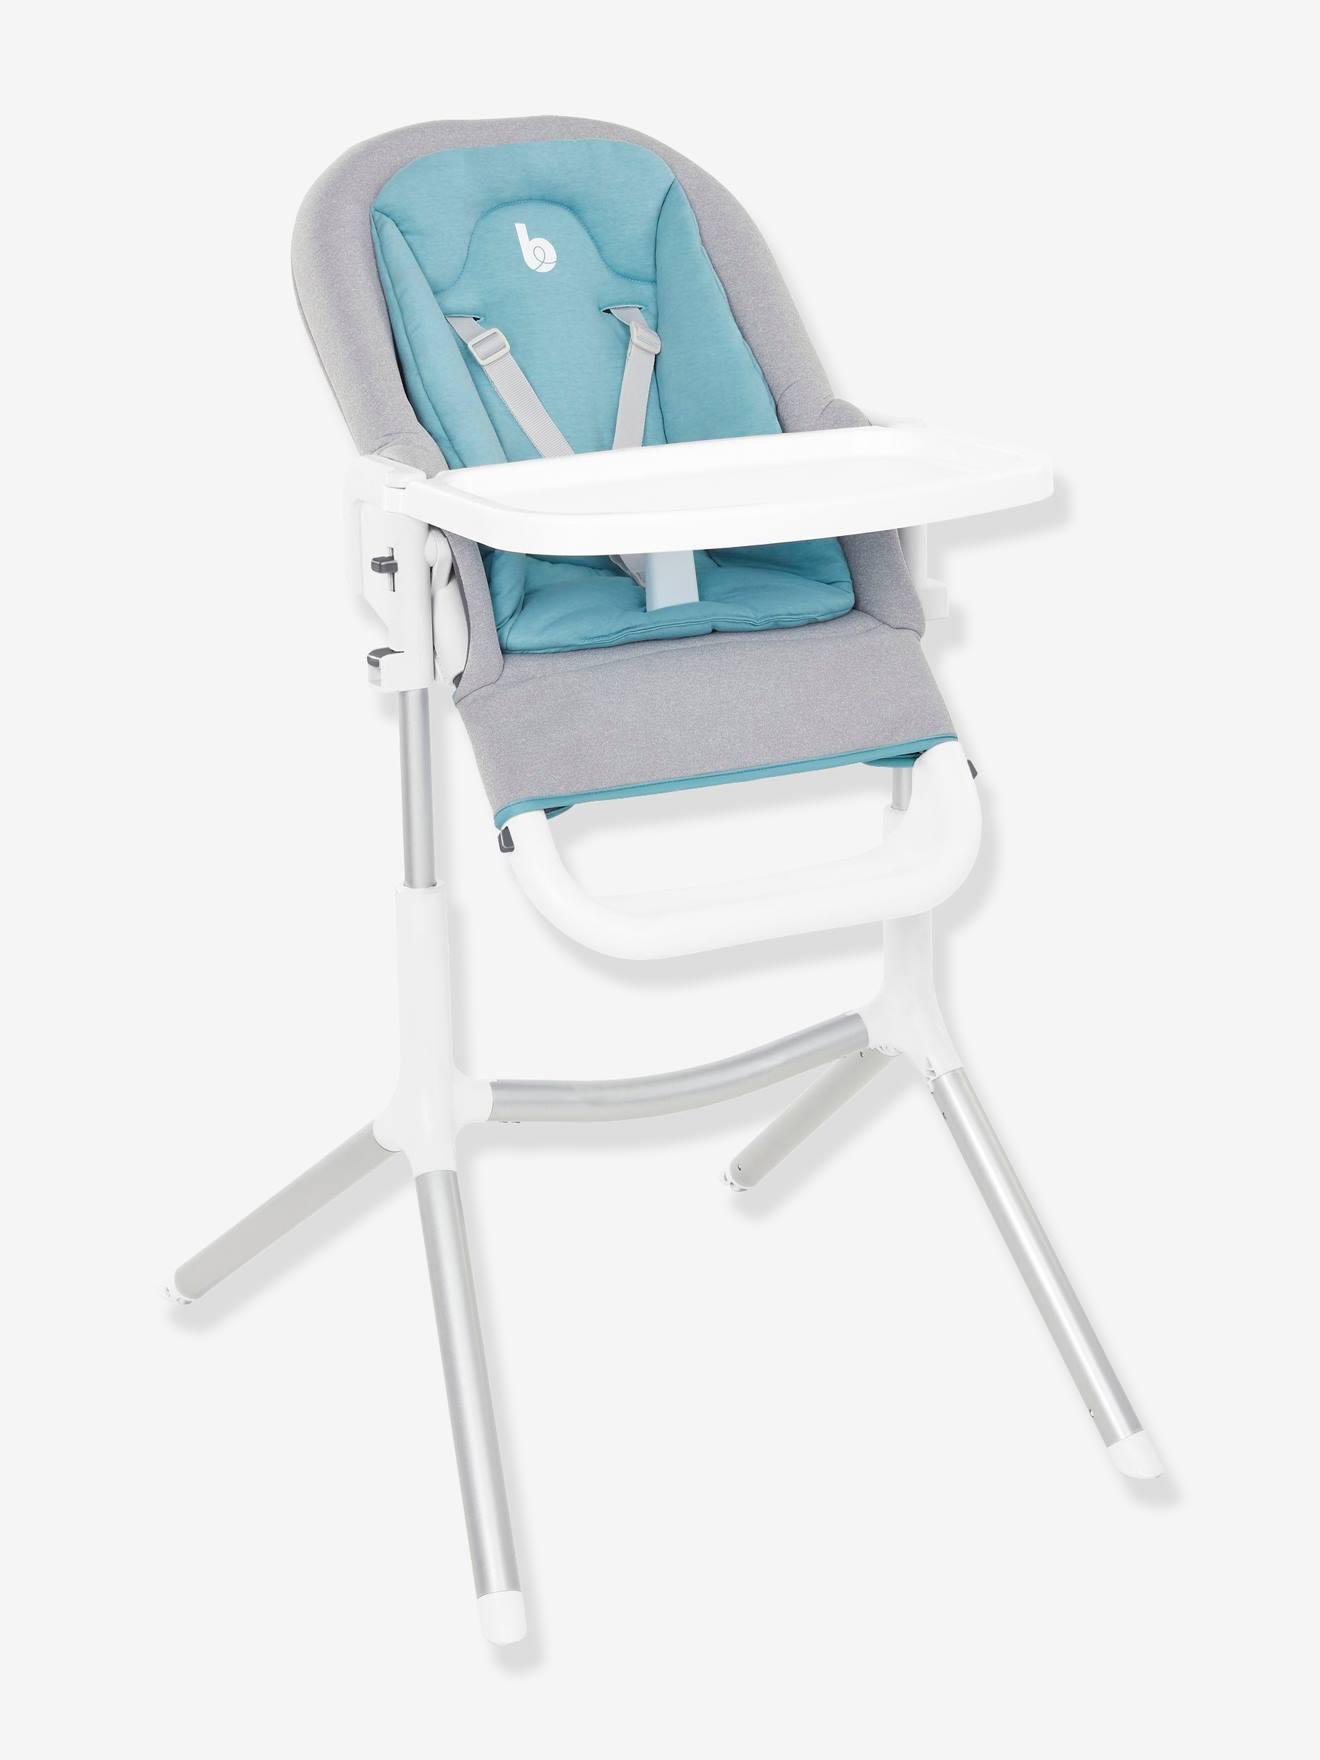 Chaise haute Slick 2 en 1 BABYMOOV blanc bleu gris